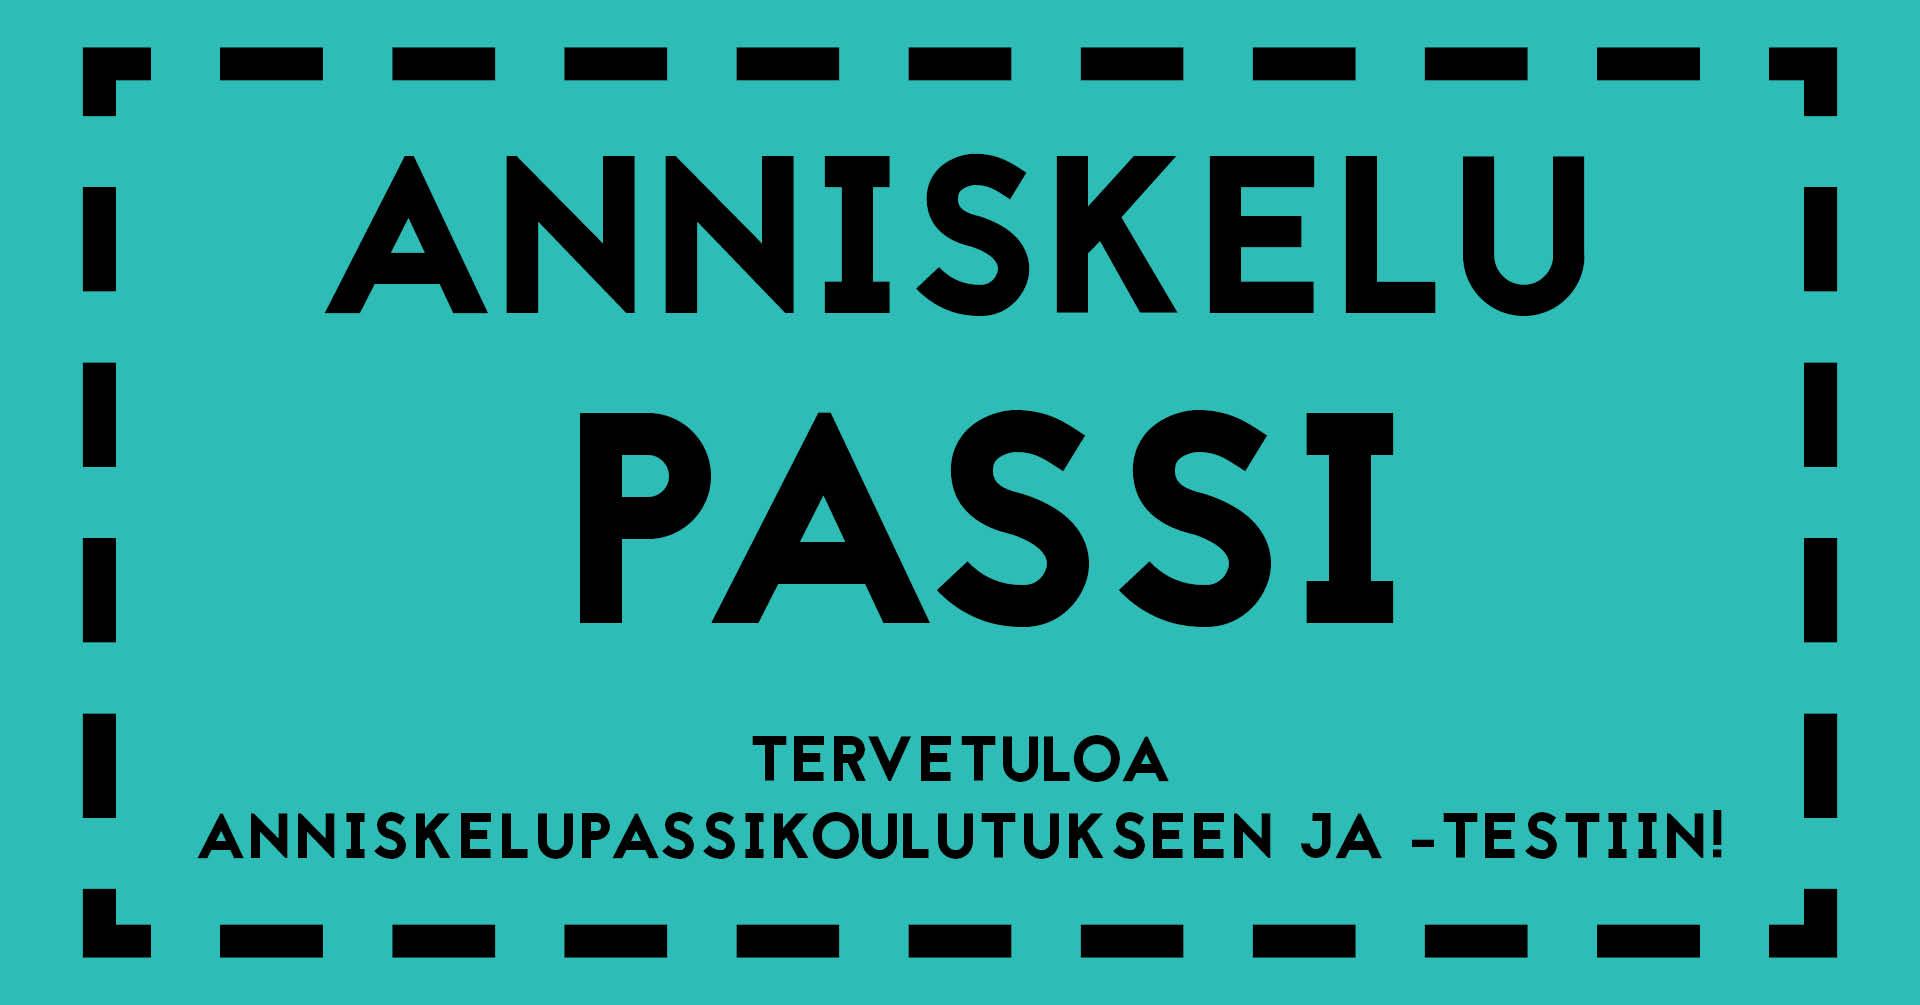 Teksti: Anniskelupassi - tervetuloa anniskelupassikoulutukseen ja -testiin!